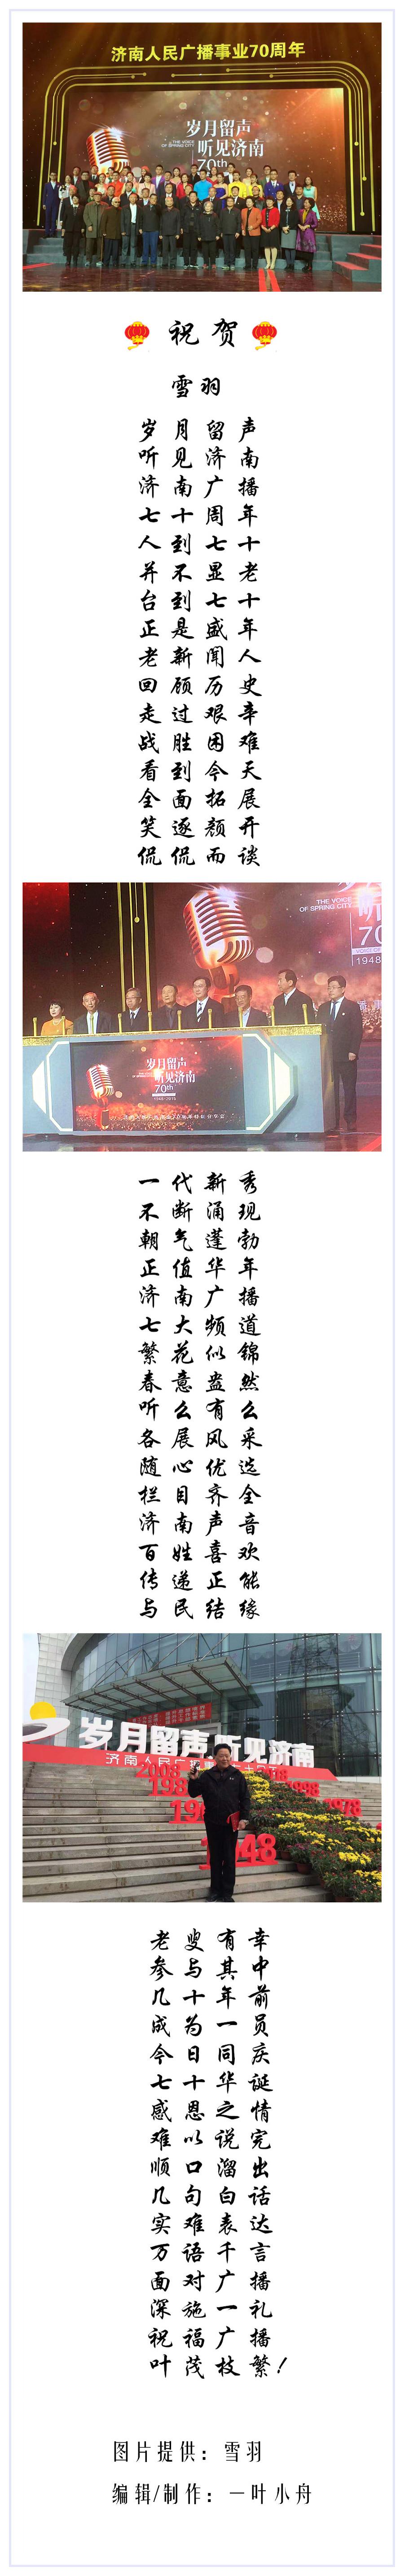 广电70年合成